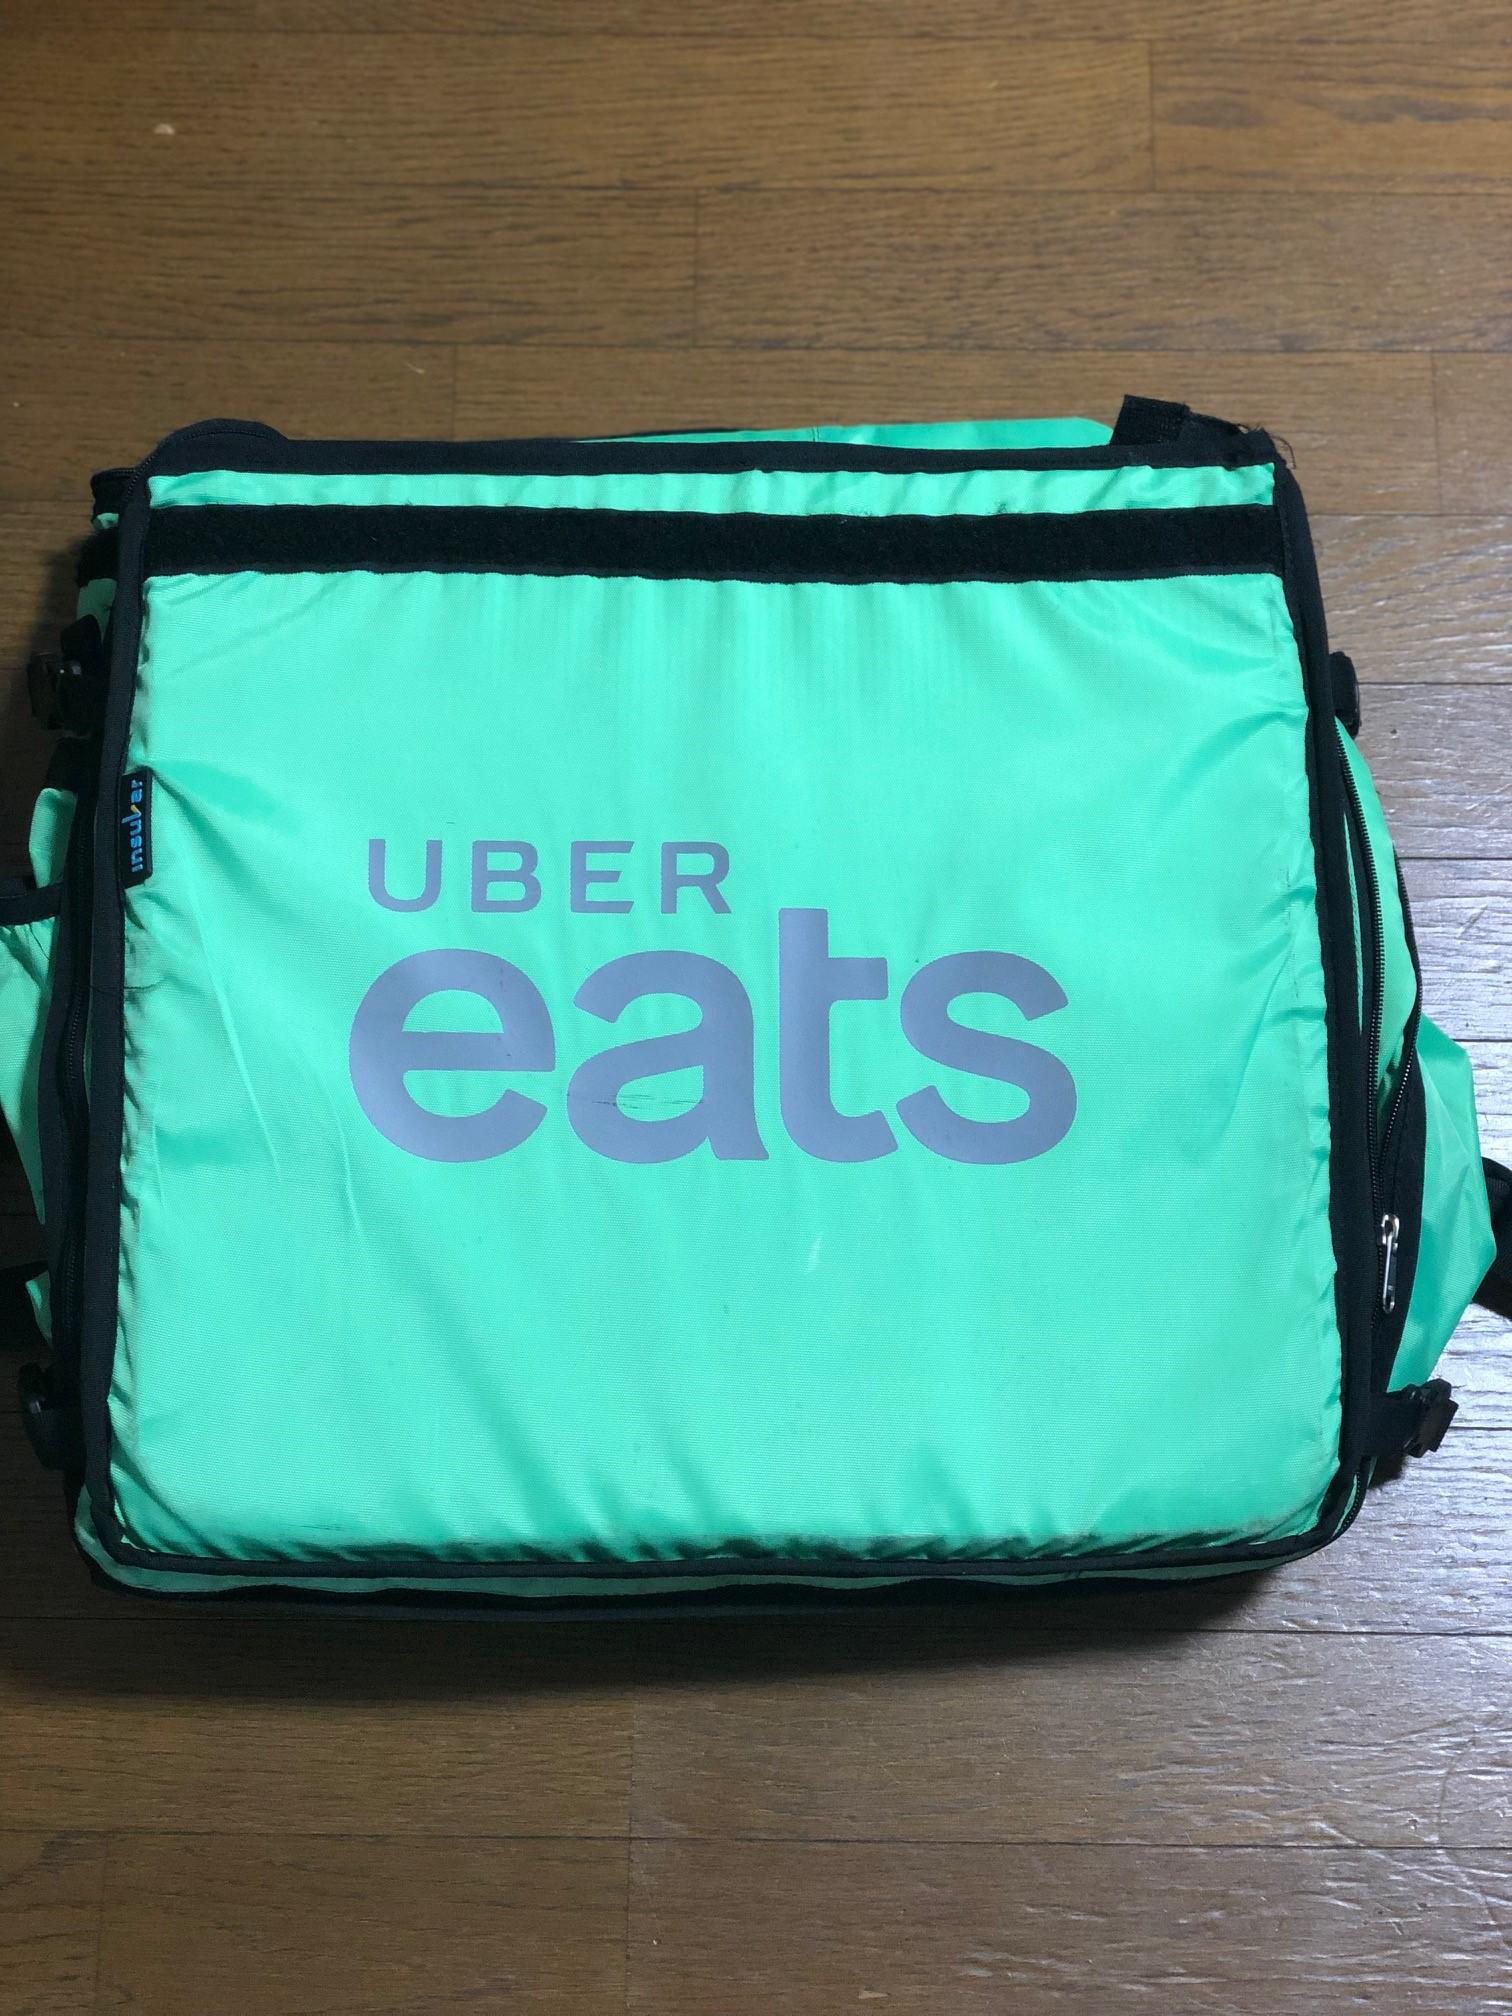 Uber Eatsのバッグの使い方!組み立てからおすすめの使い方まで徹底解説!